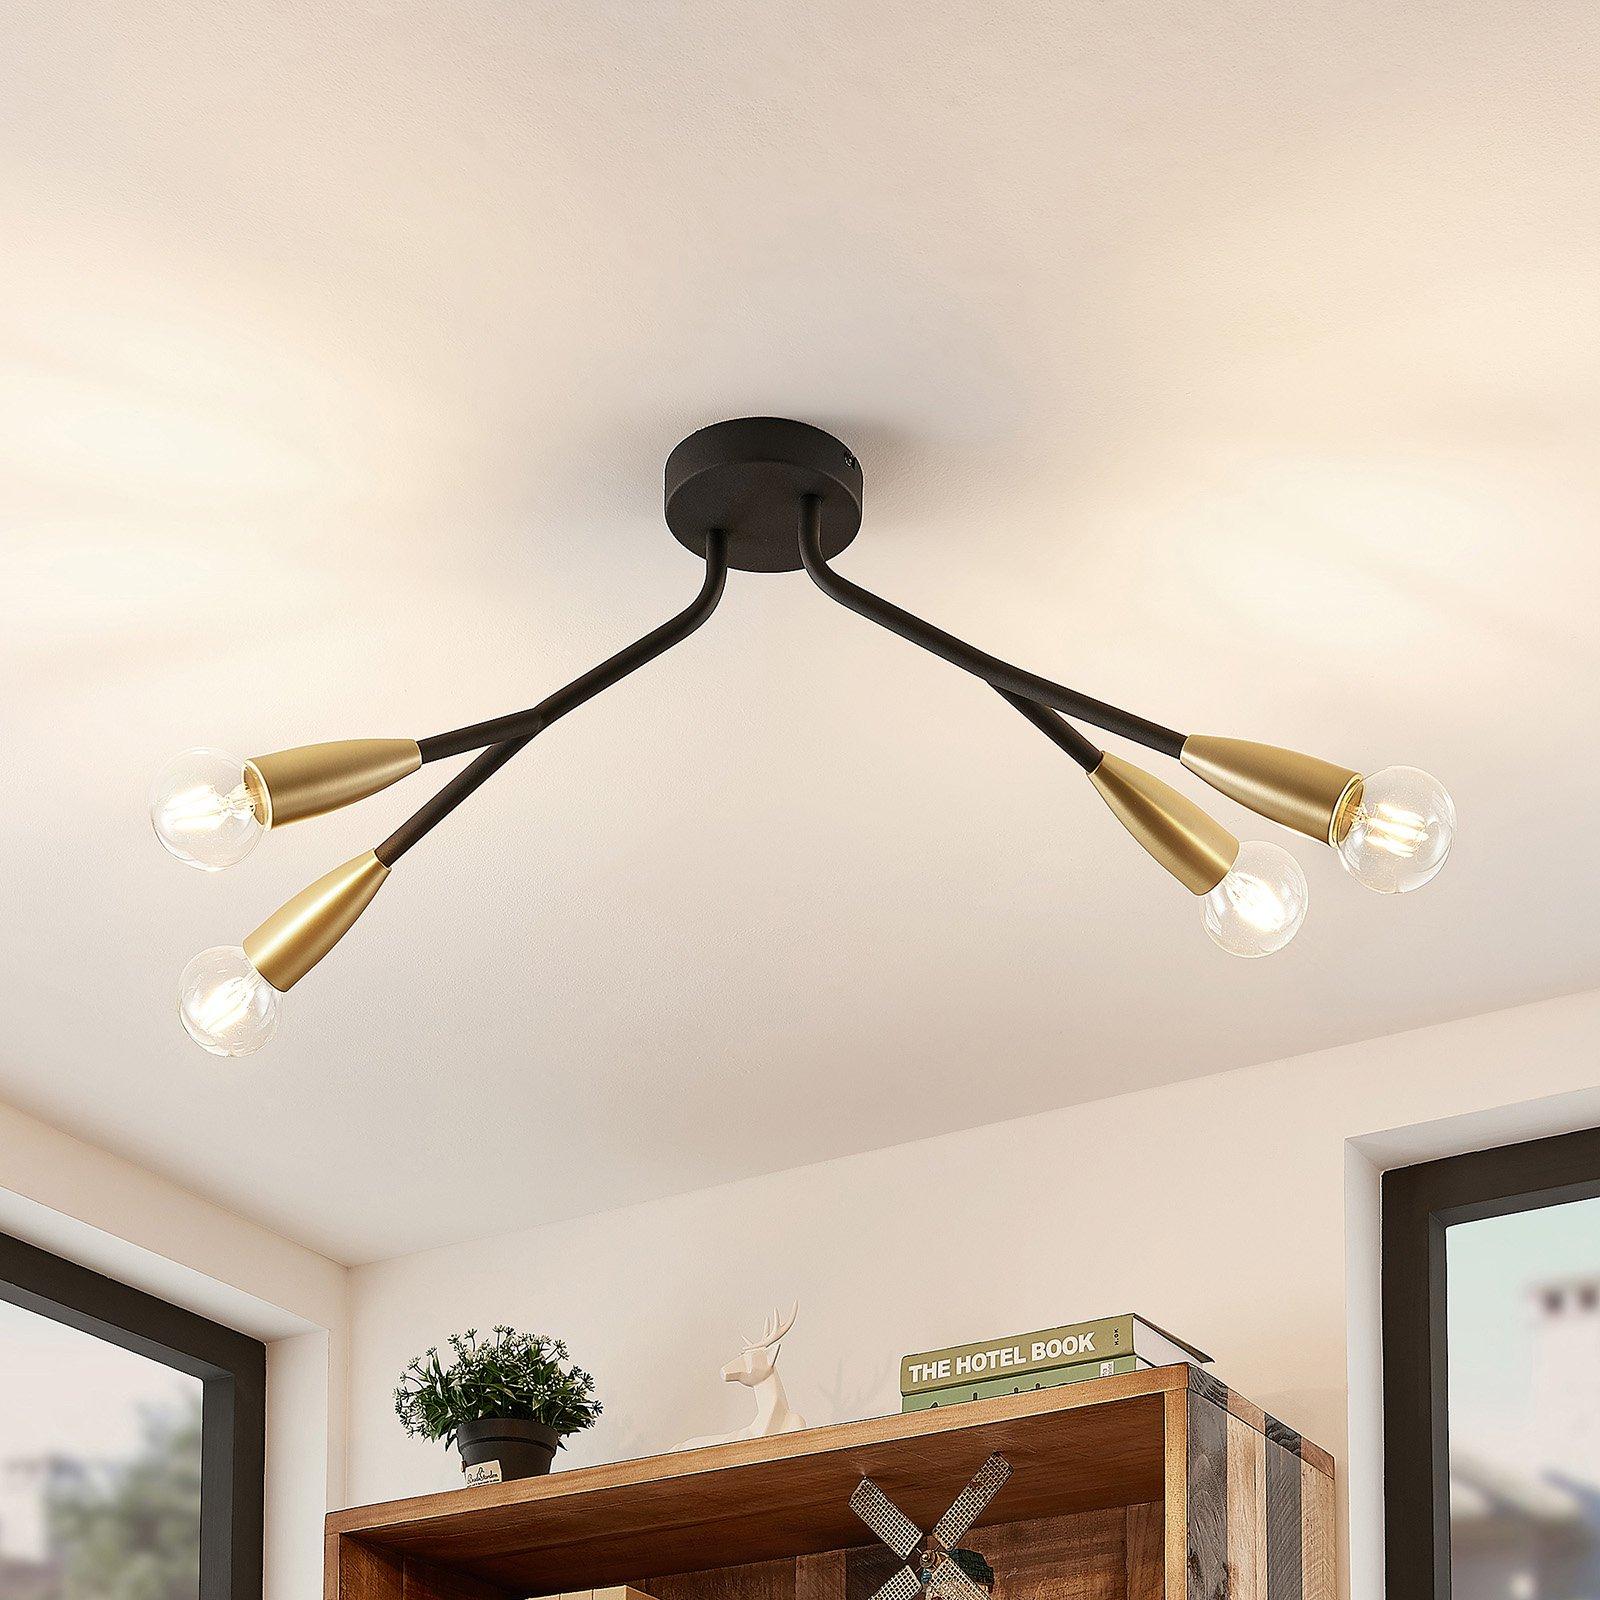 Lucande Carlea taklampe, 4 lysk. svart messing